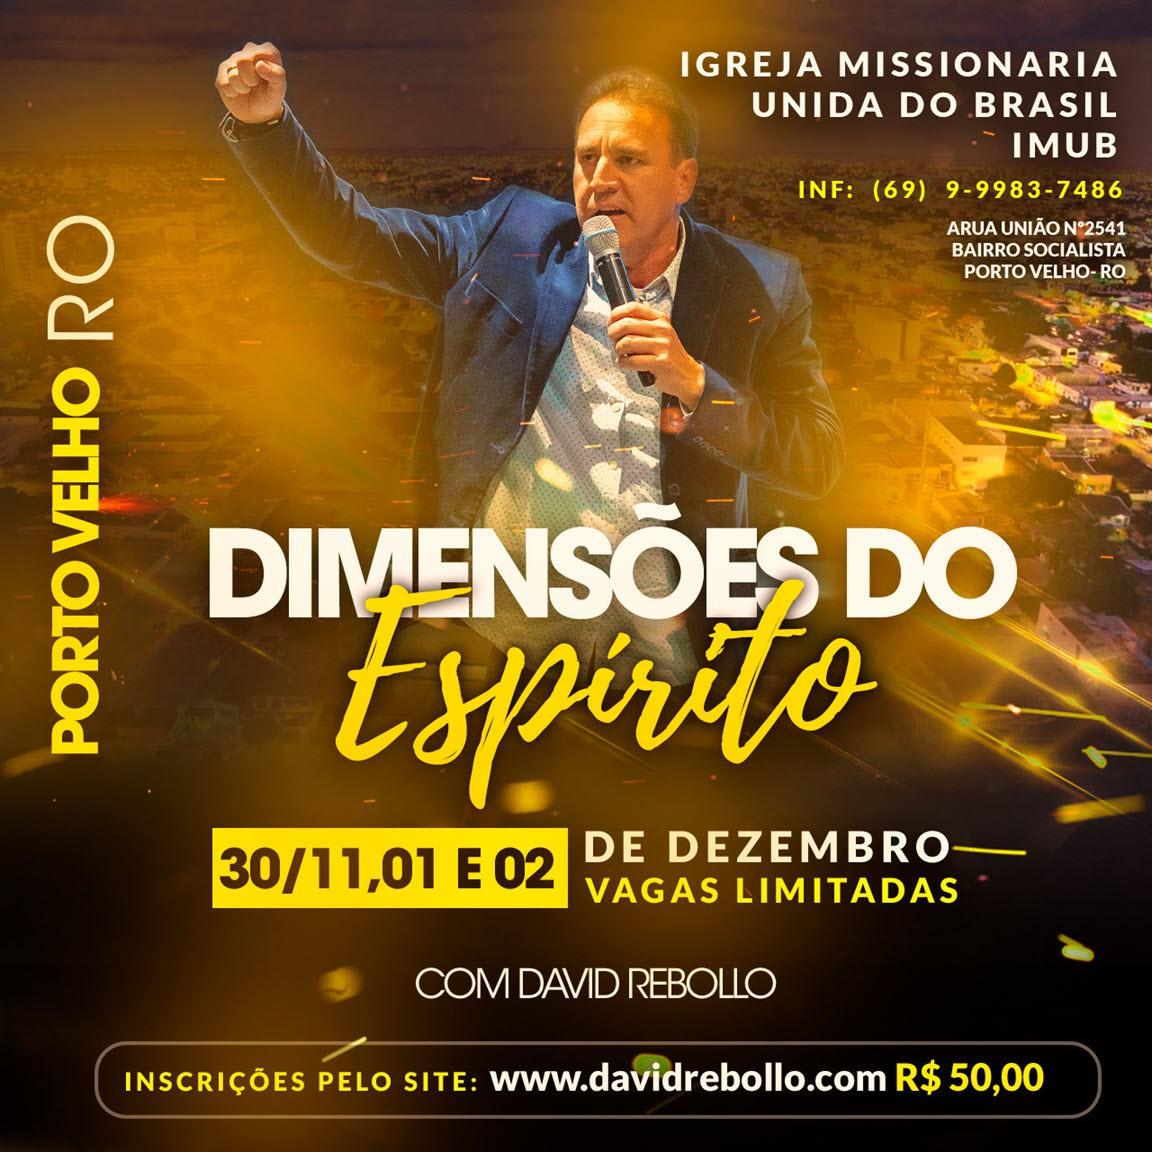 Escola Dimensões do Espírito em Porto Velho - RO